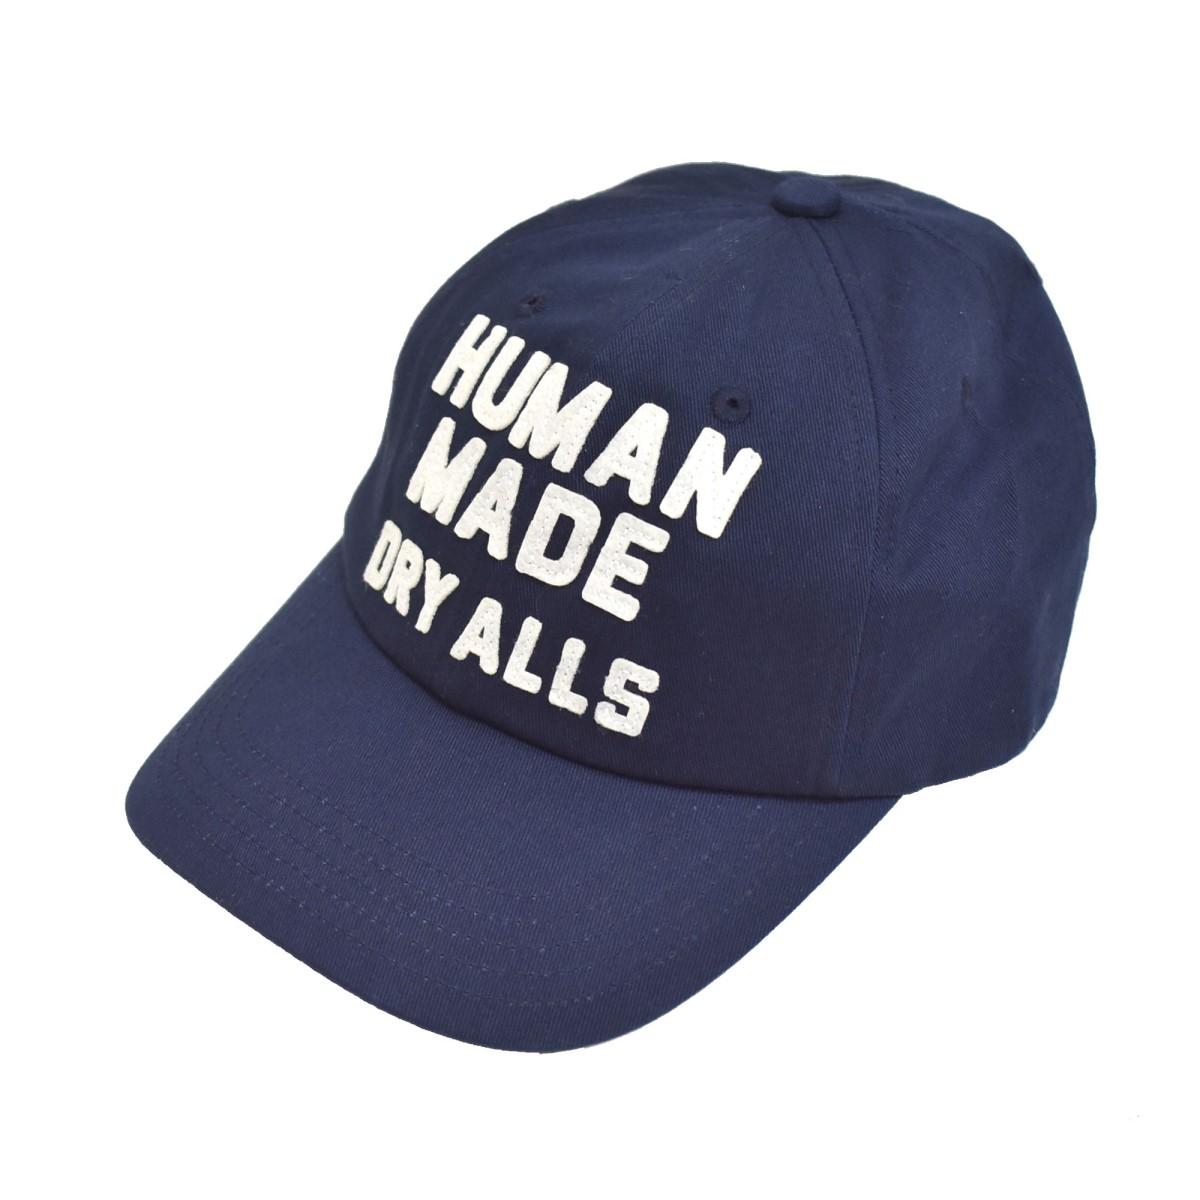 ヒューマンメイド 中古 HUMAN 販売期間 限定のお得なタイムセール MADE 21SS 6PANEL TWILL 300821 売り込み キャップ ネイビー CAP